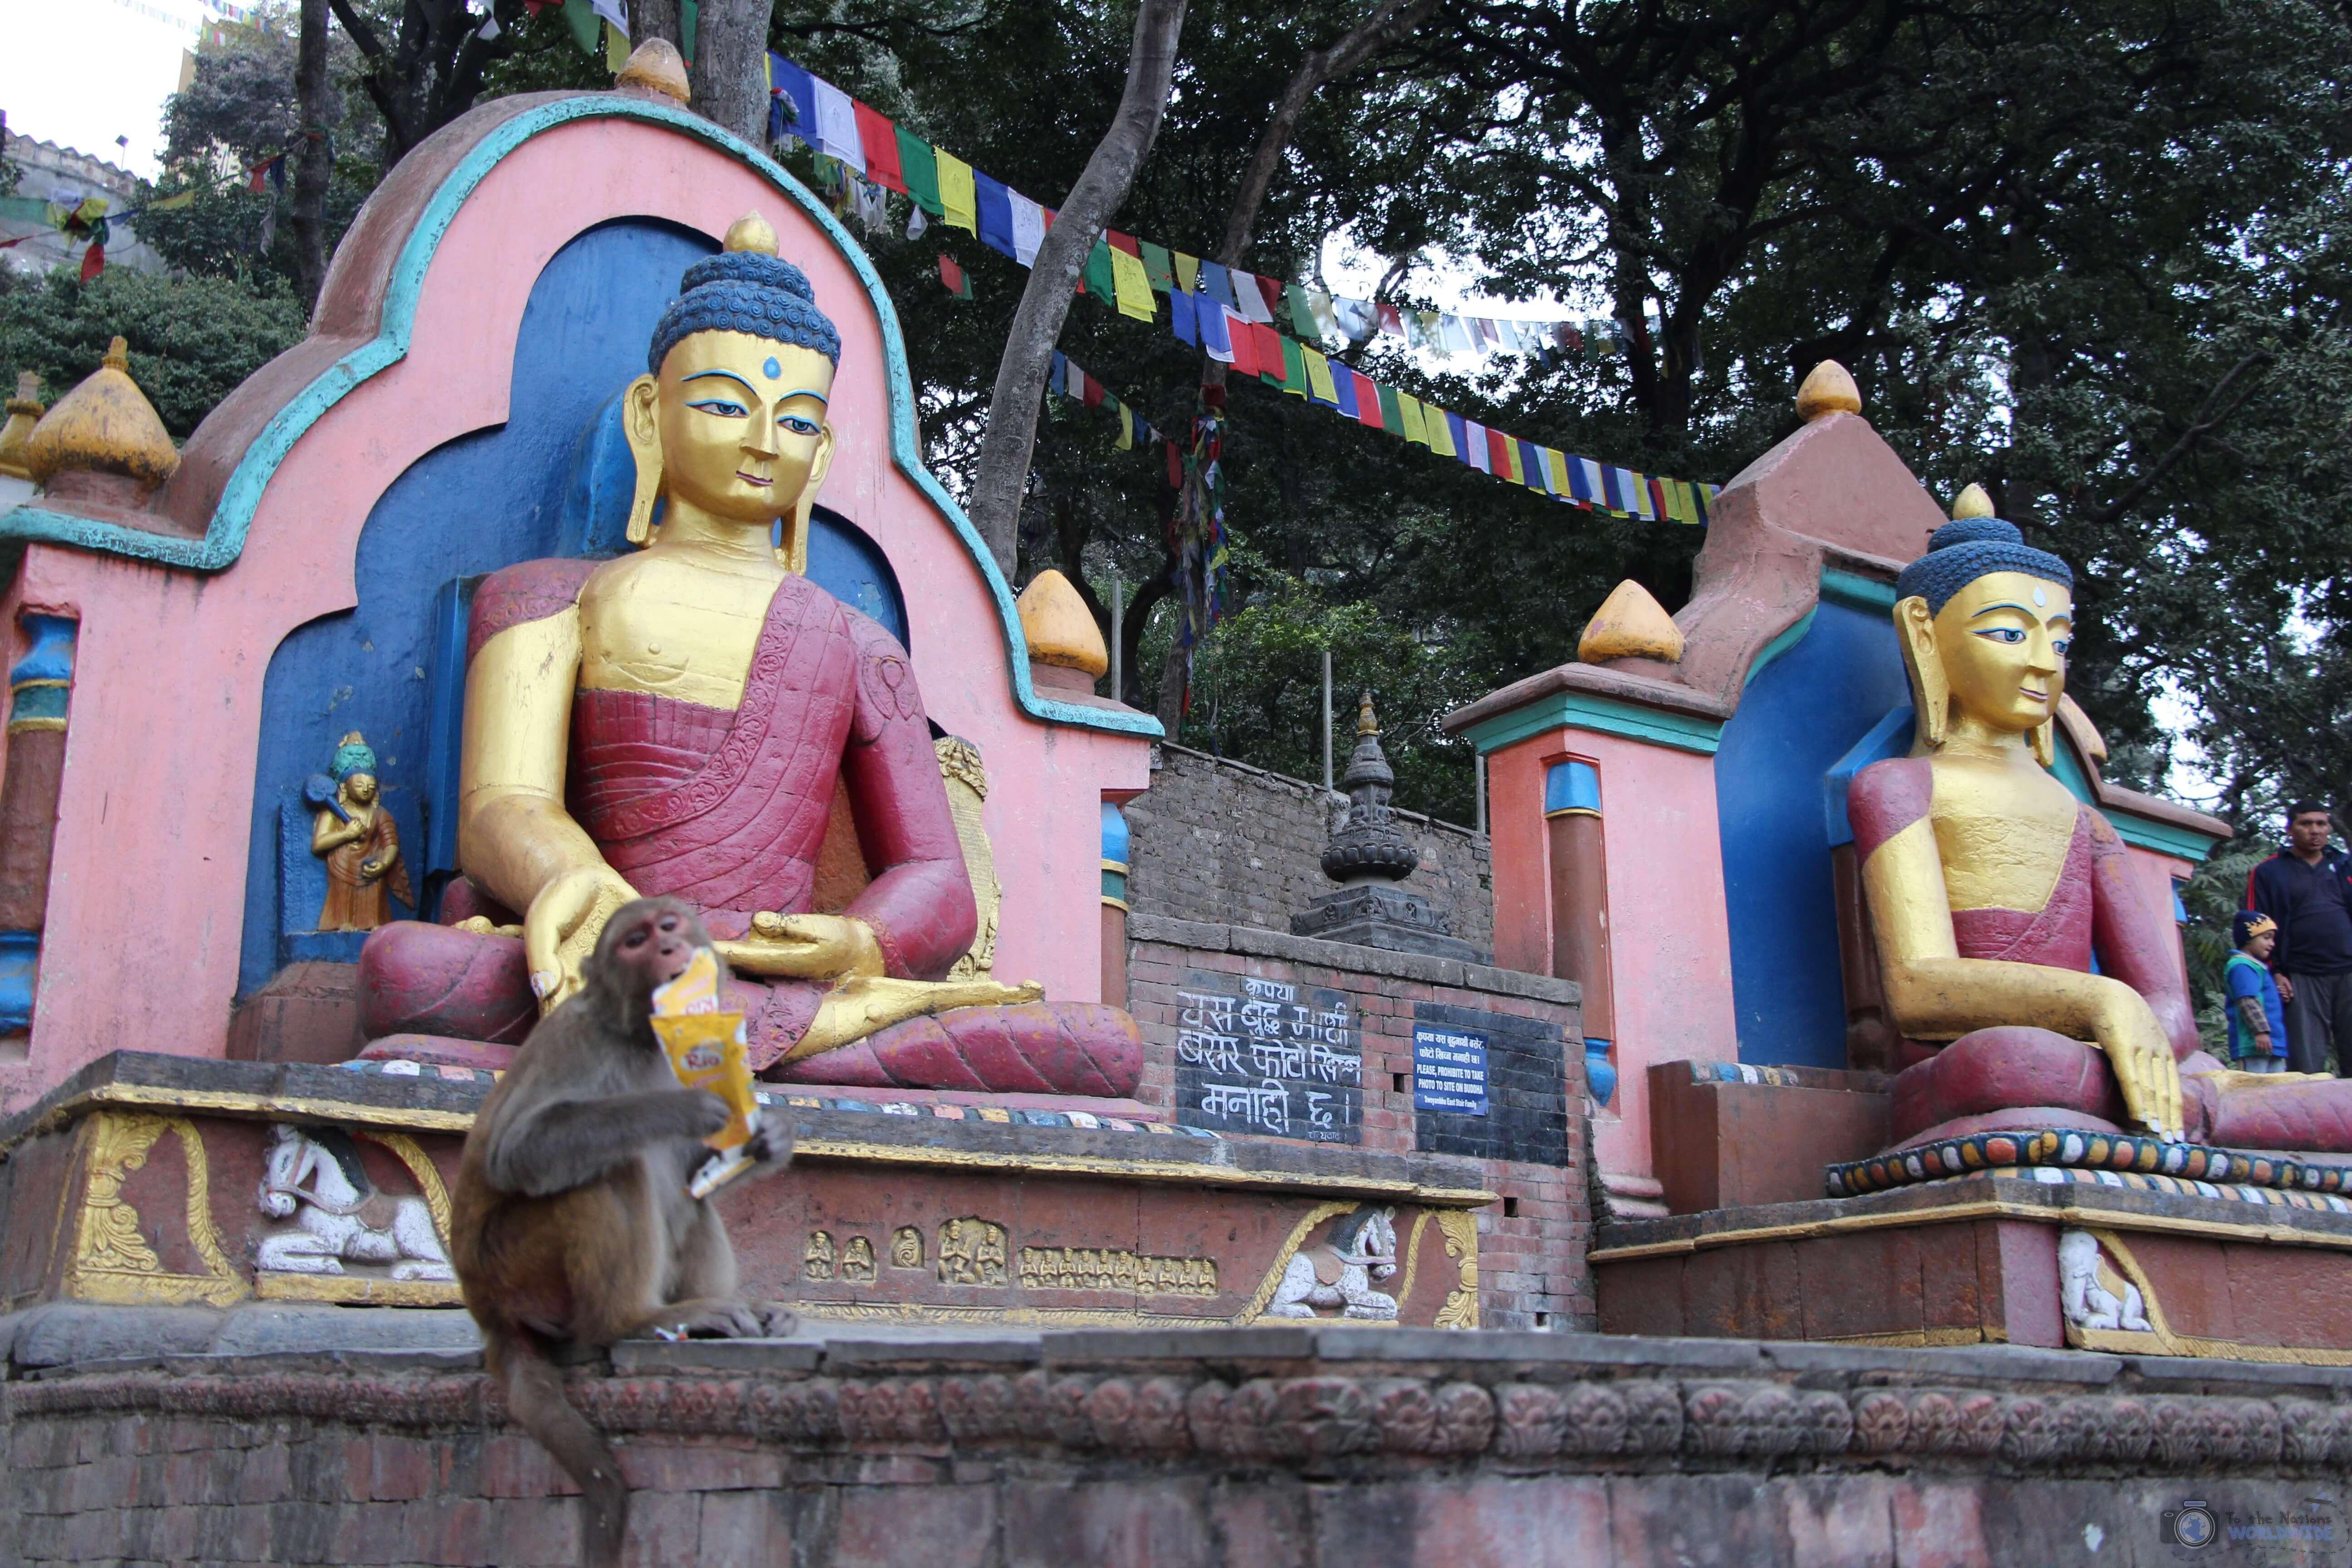 Monkeys at Swayambhunath Monkey Temple, Kathmandu, Nepal